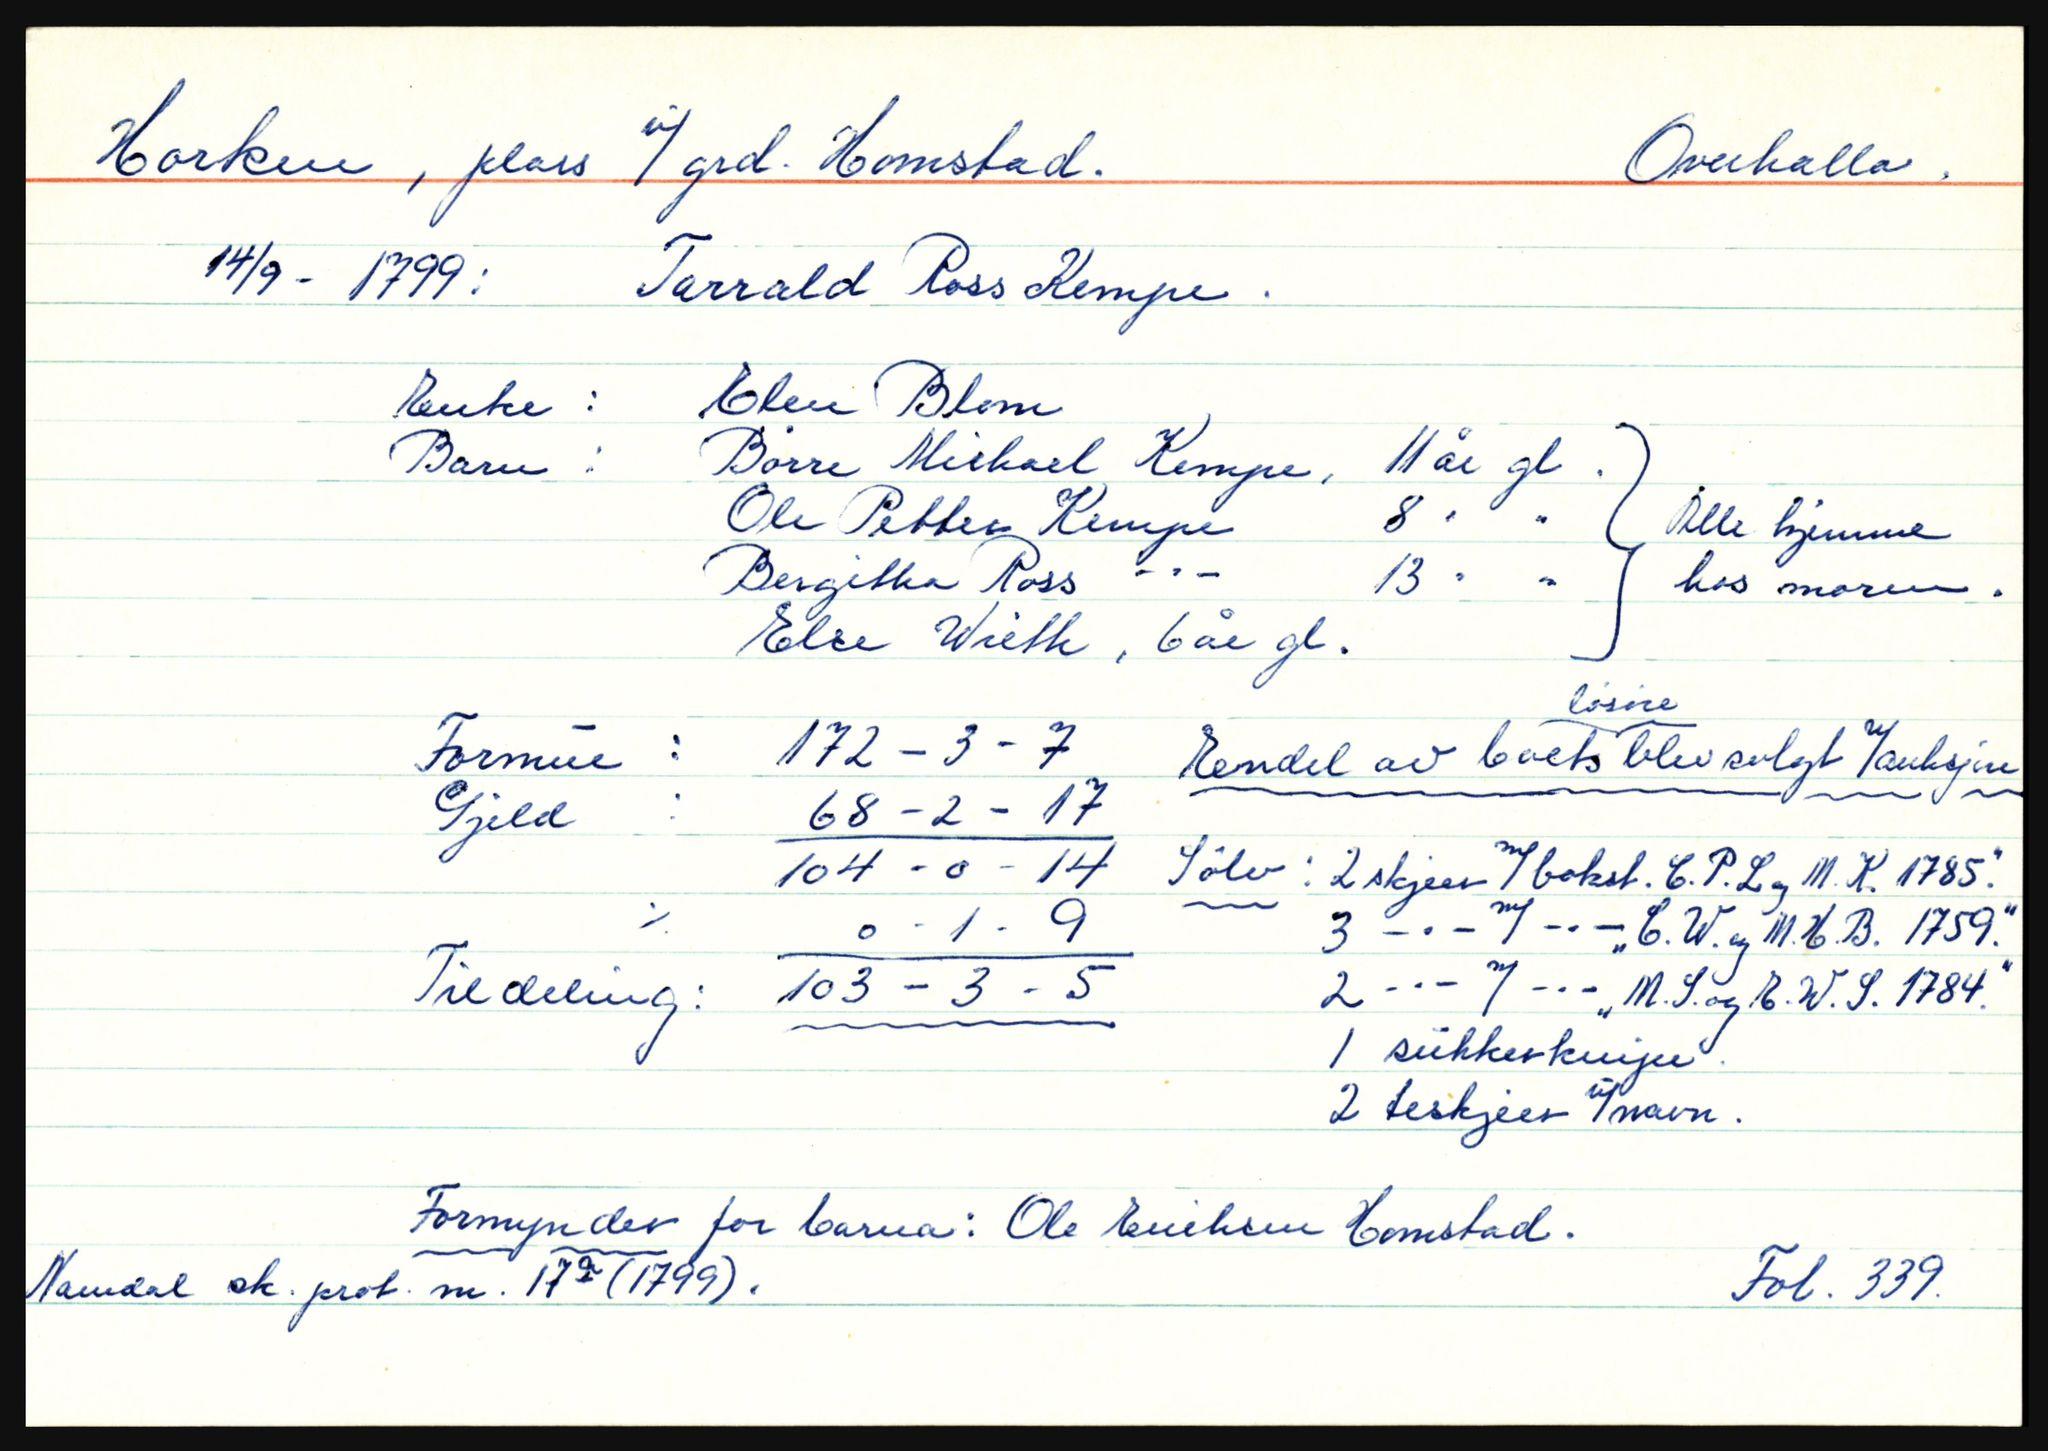 SAT, Namdal sorenskriveri, 3, 1656-1803, s. 3339